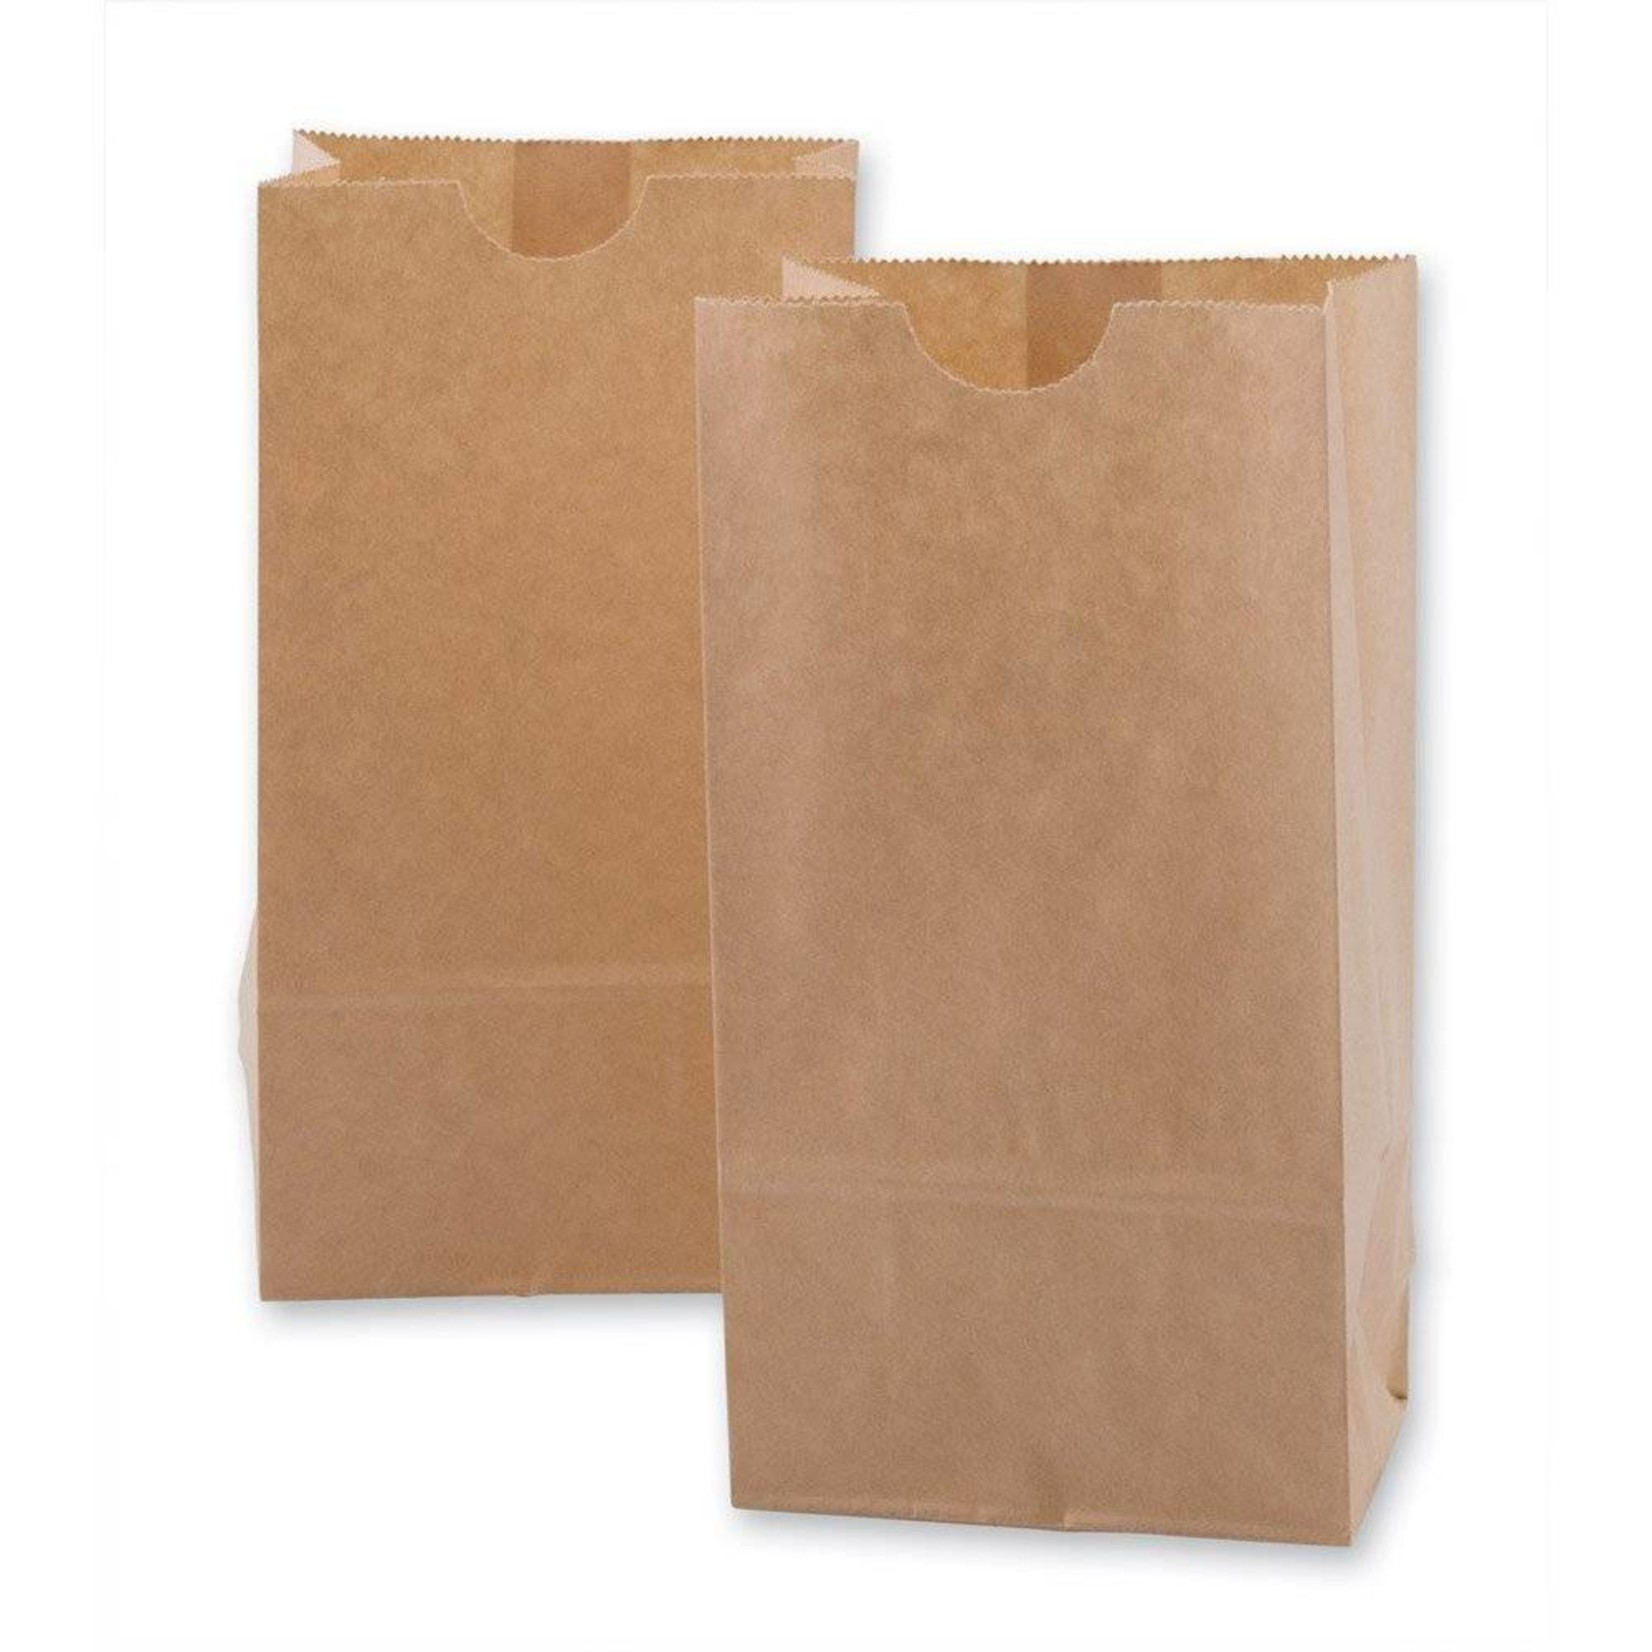 Bags-Brown-Paper-10lb-50pk